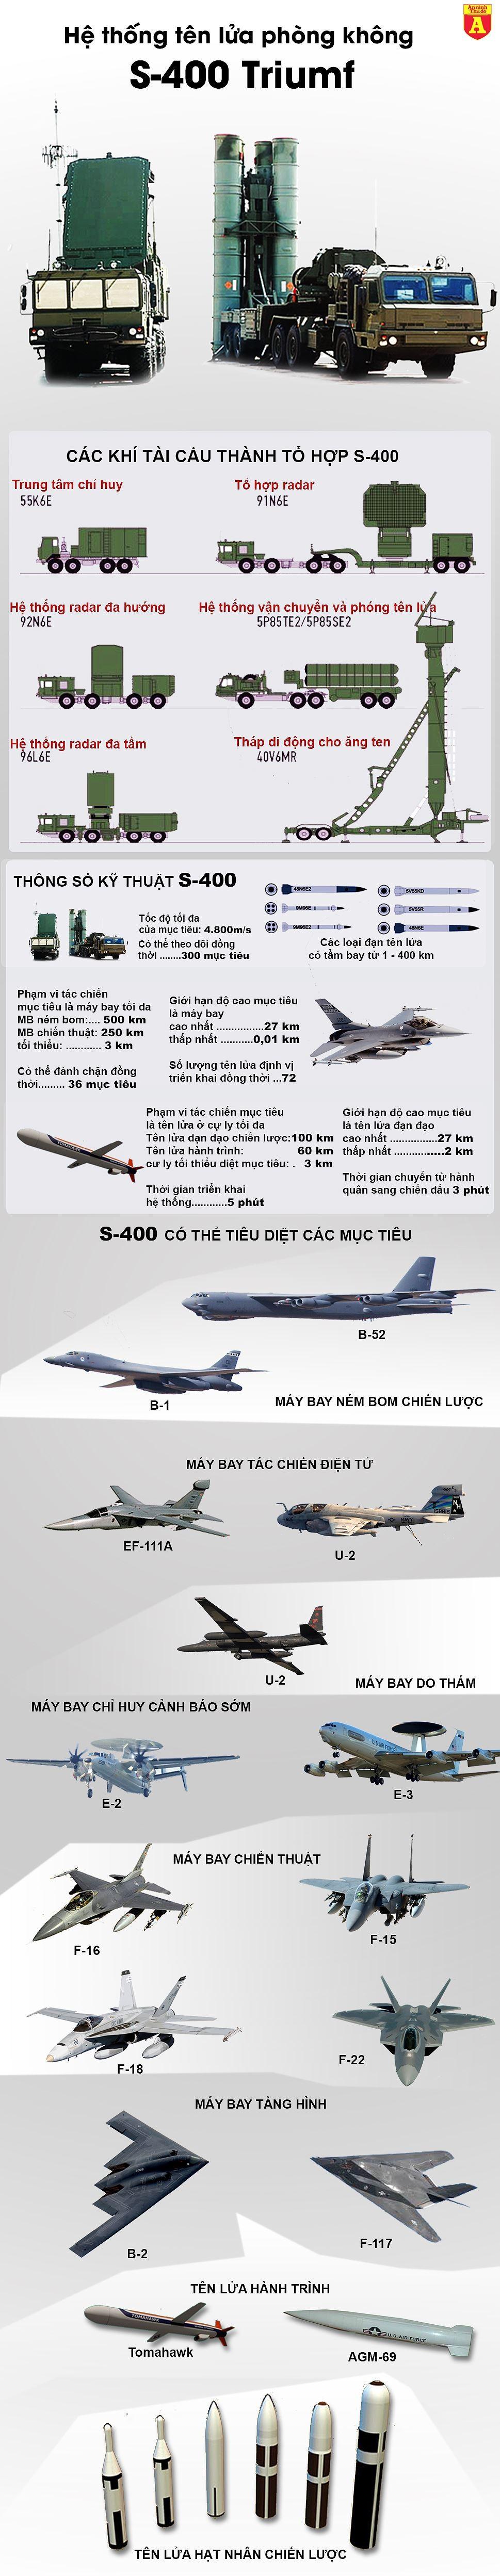 [Info] Thành lập nhóm liên ngành với Mỹ về thương vụ S-400, Thổ Nhĩ Kỳ đang làm Nga thất vọng? ảnh 2